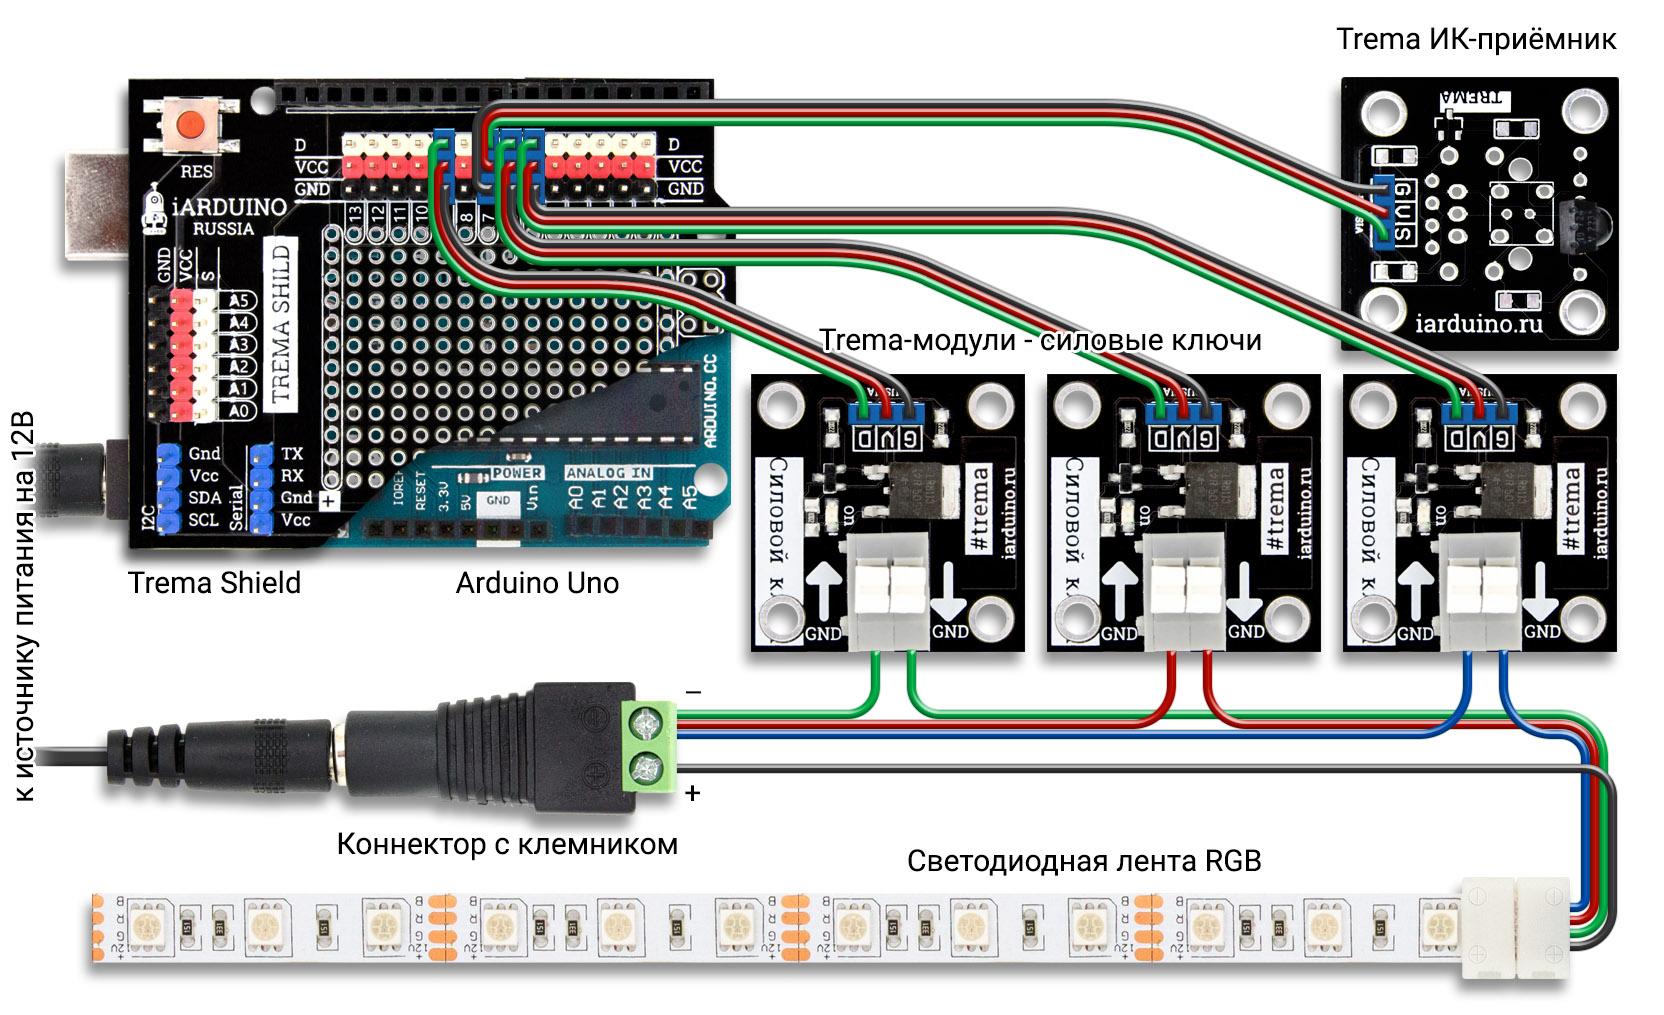 Схема дистанционного управления RGB лентой с ИК-пульта